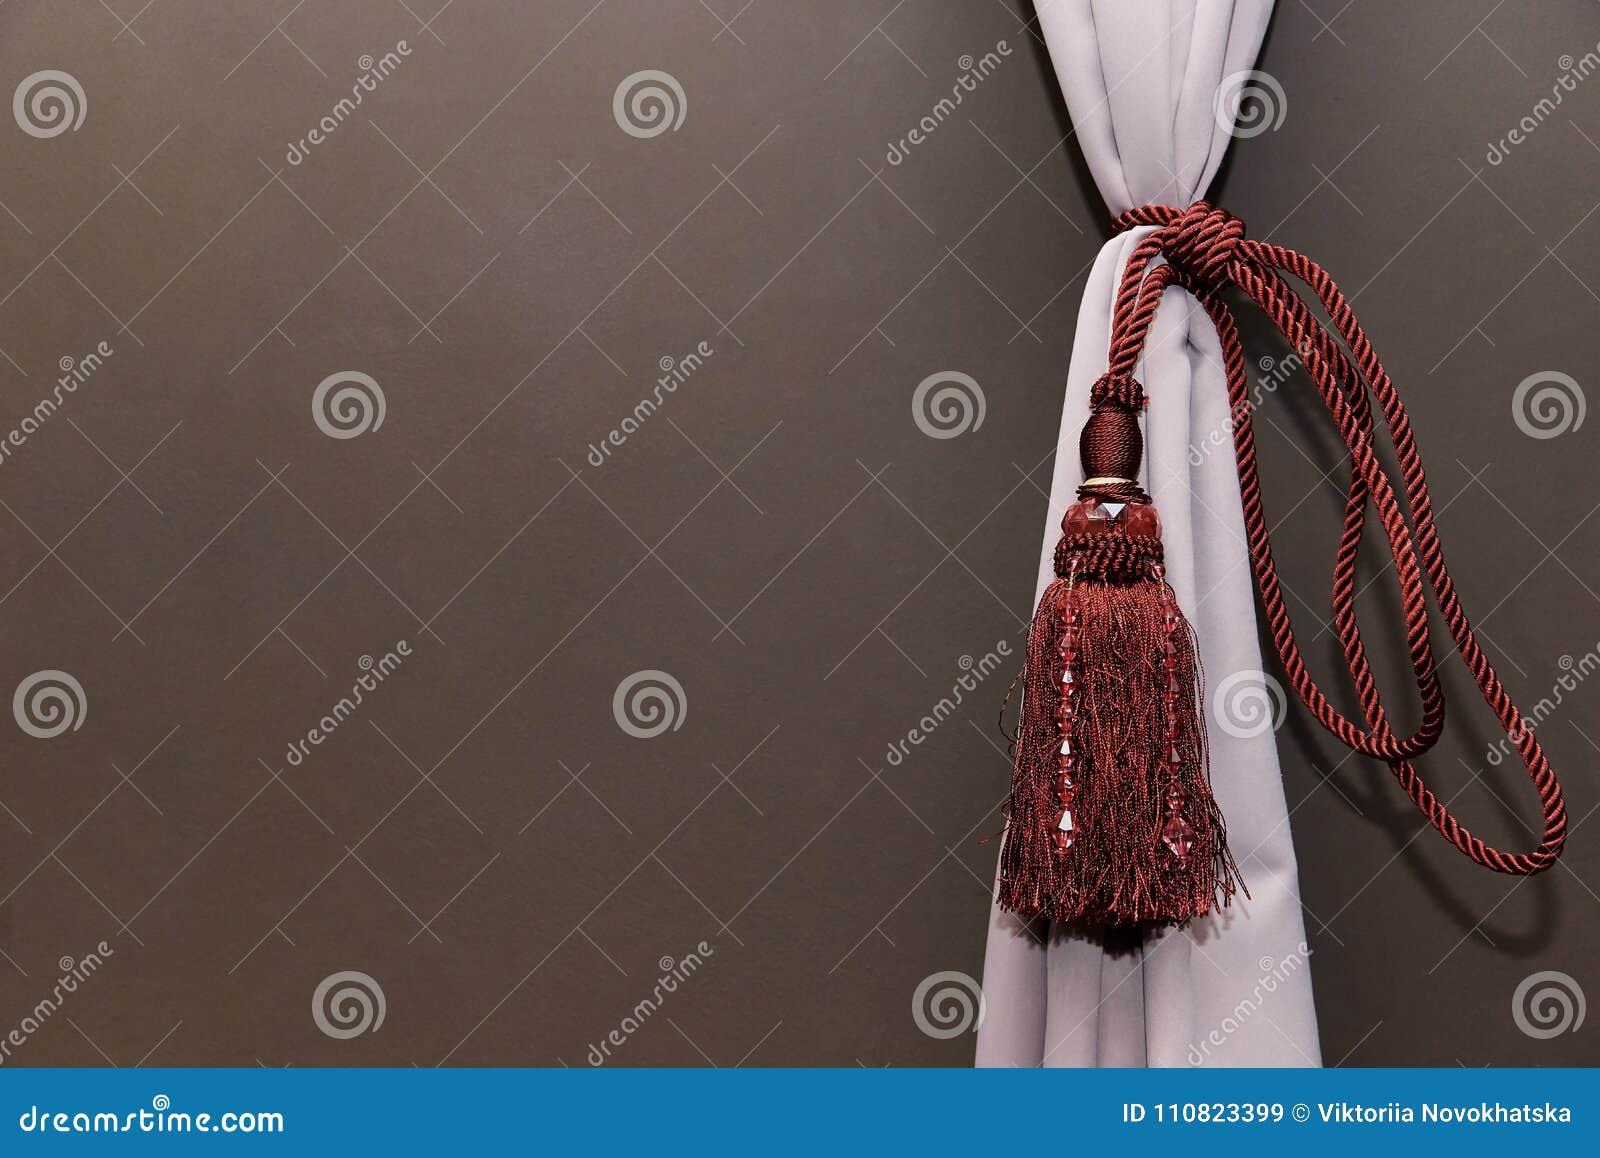 Una Tenda Leggera Si è Riunita Da Una Corda Rossa Con Le Frange E Le